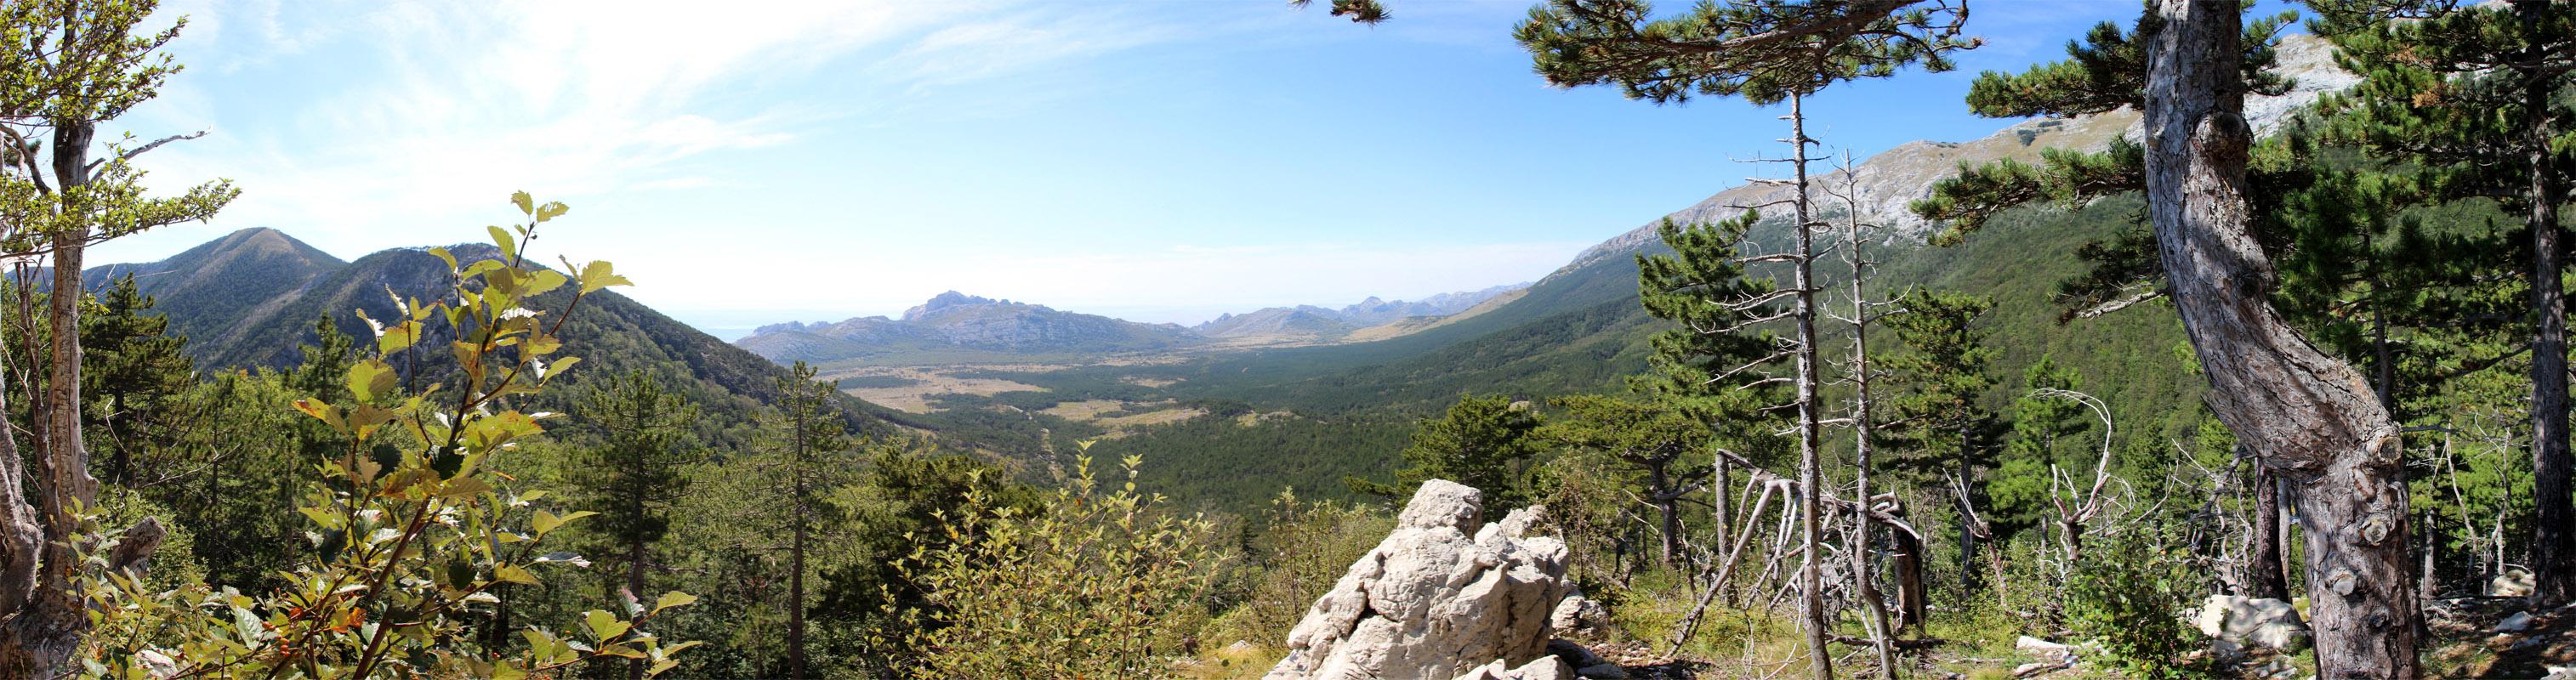 14-planina